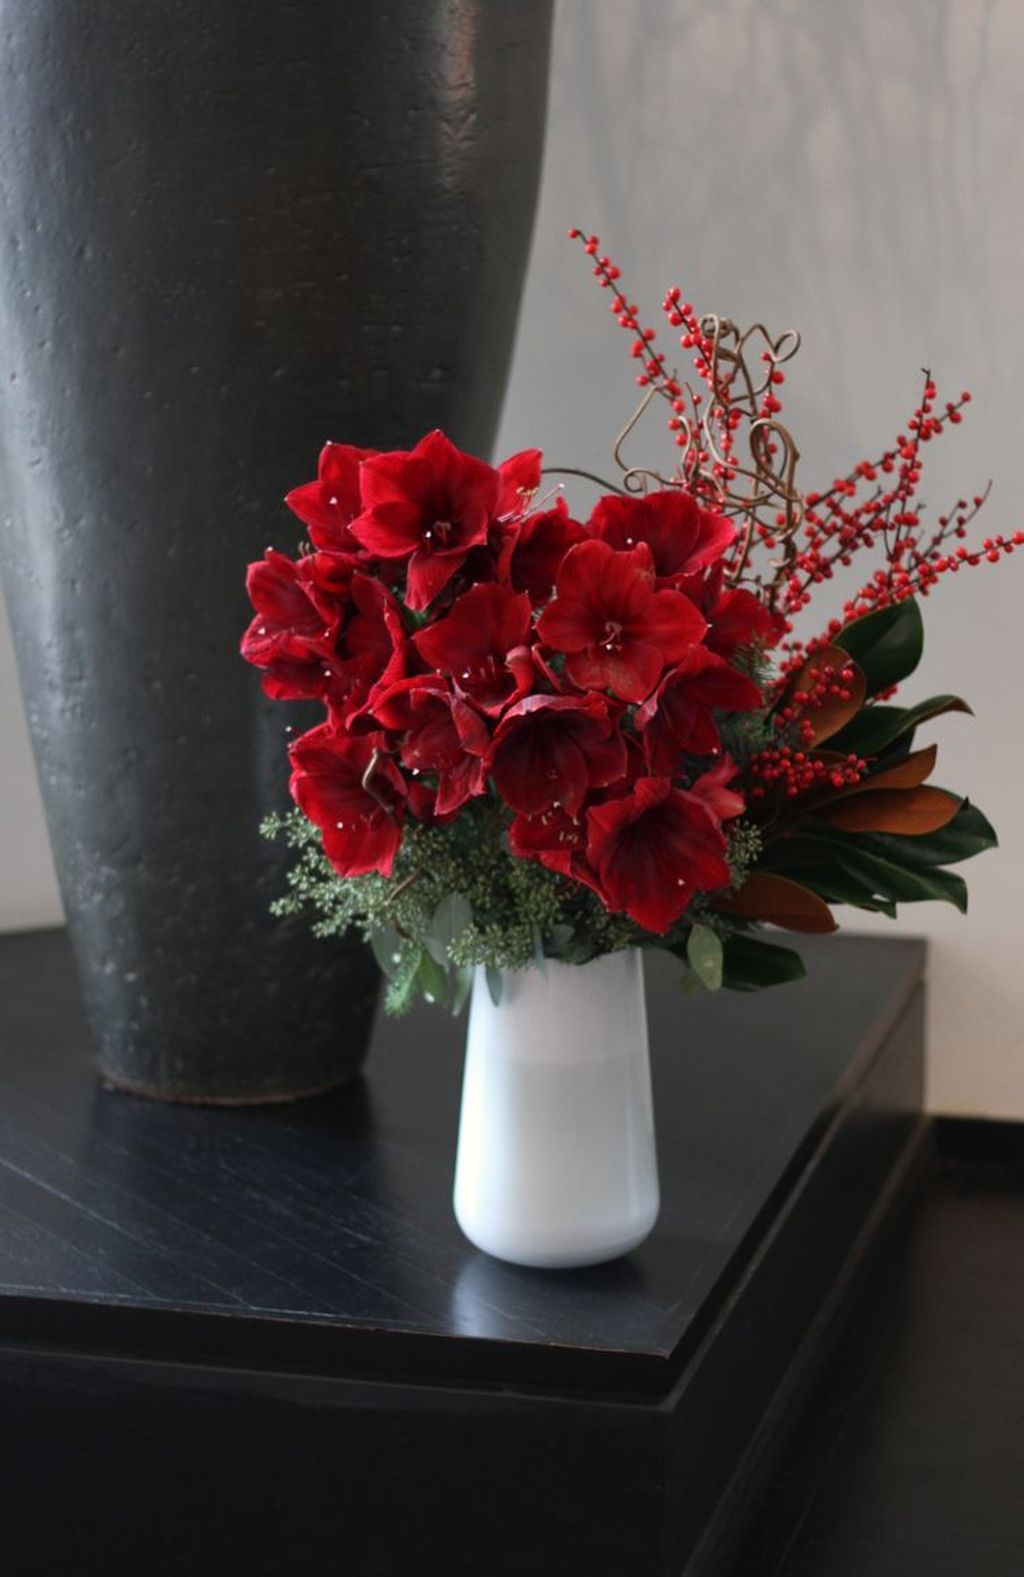 34 Amazing Unique Flower Arrangements Ideas For Your Home ...